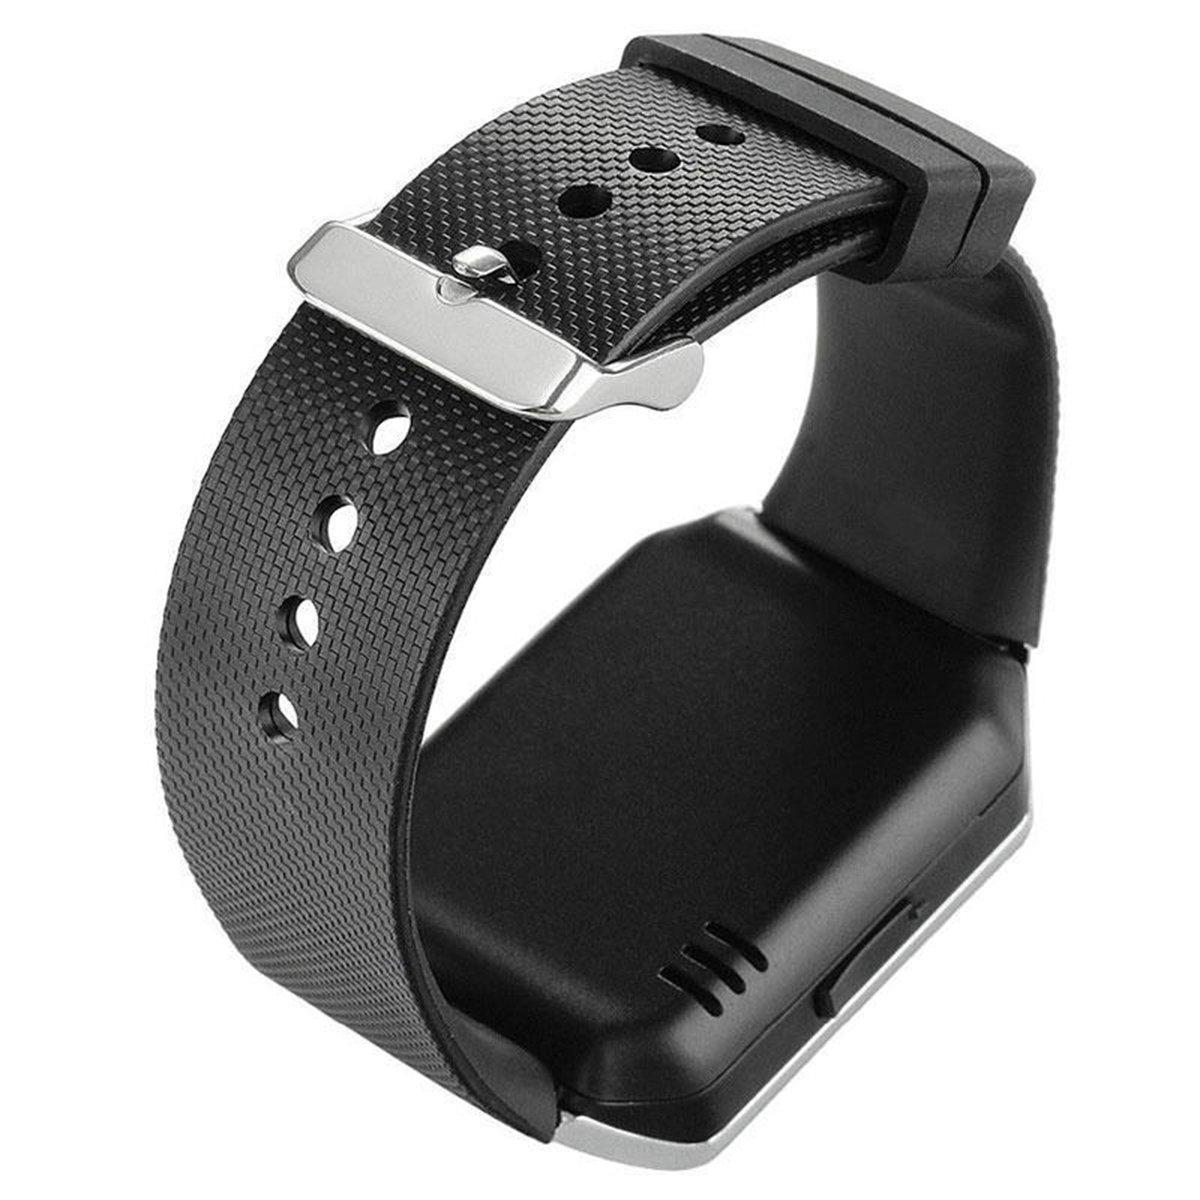 Deyoun® - Reloj inteligente con Bluetooth inteligente, vigilancia con cámara, Sync SIM/TF Card Slot para smartphone Android Samsung, HTC, Sony, ...